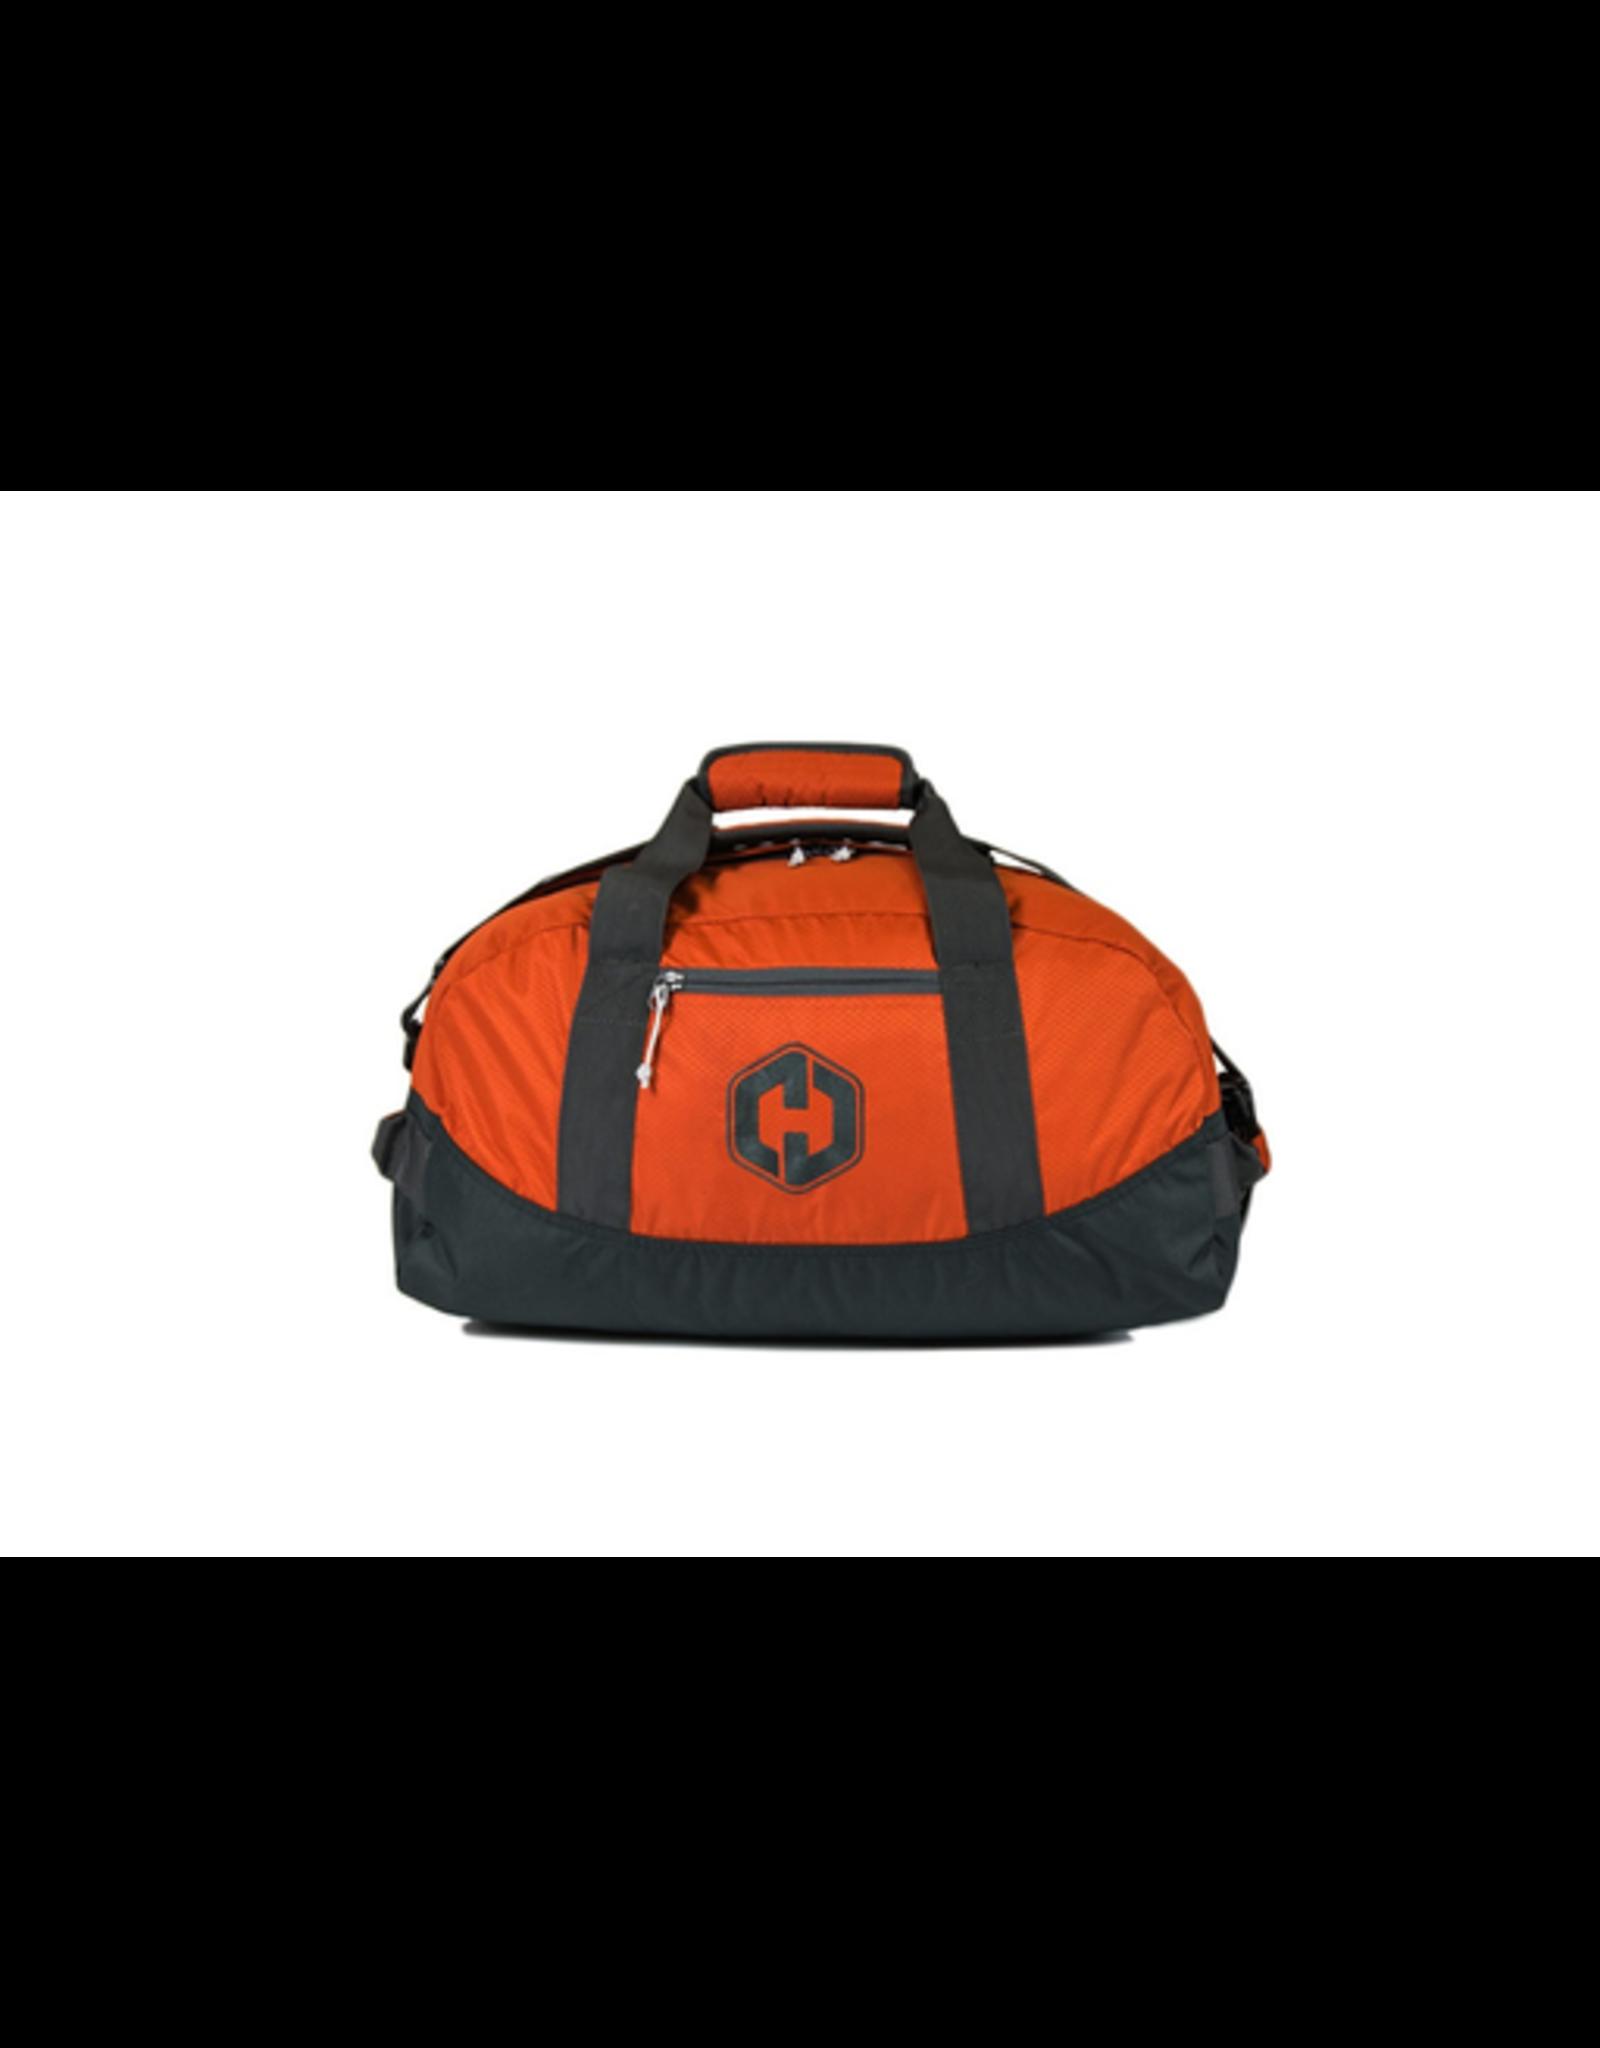 Hotcore Hotcore Explorer Duffle Bag, Locking Zippers